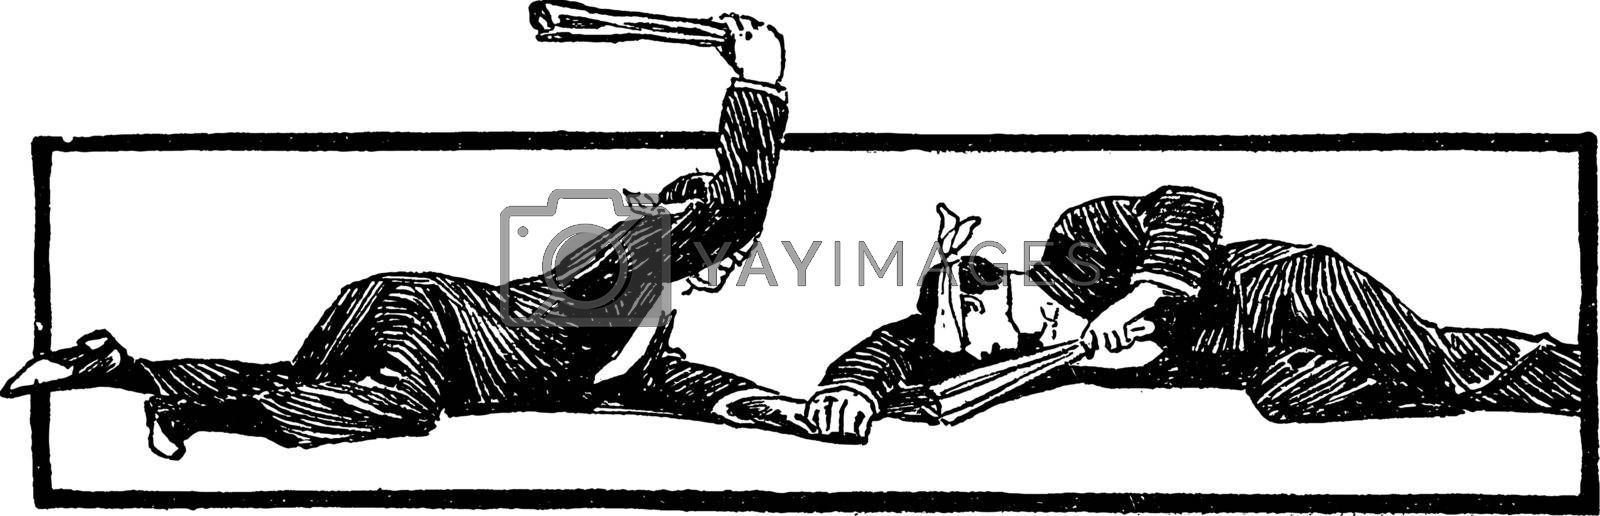 Cudgel Game vintage illustration.  by Morphart